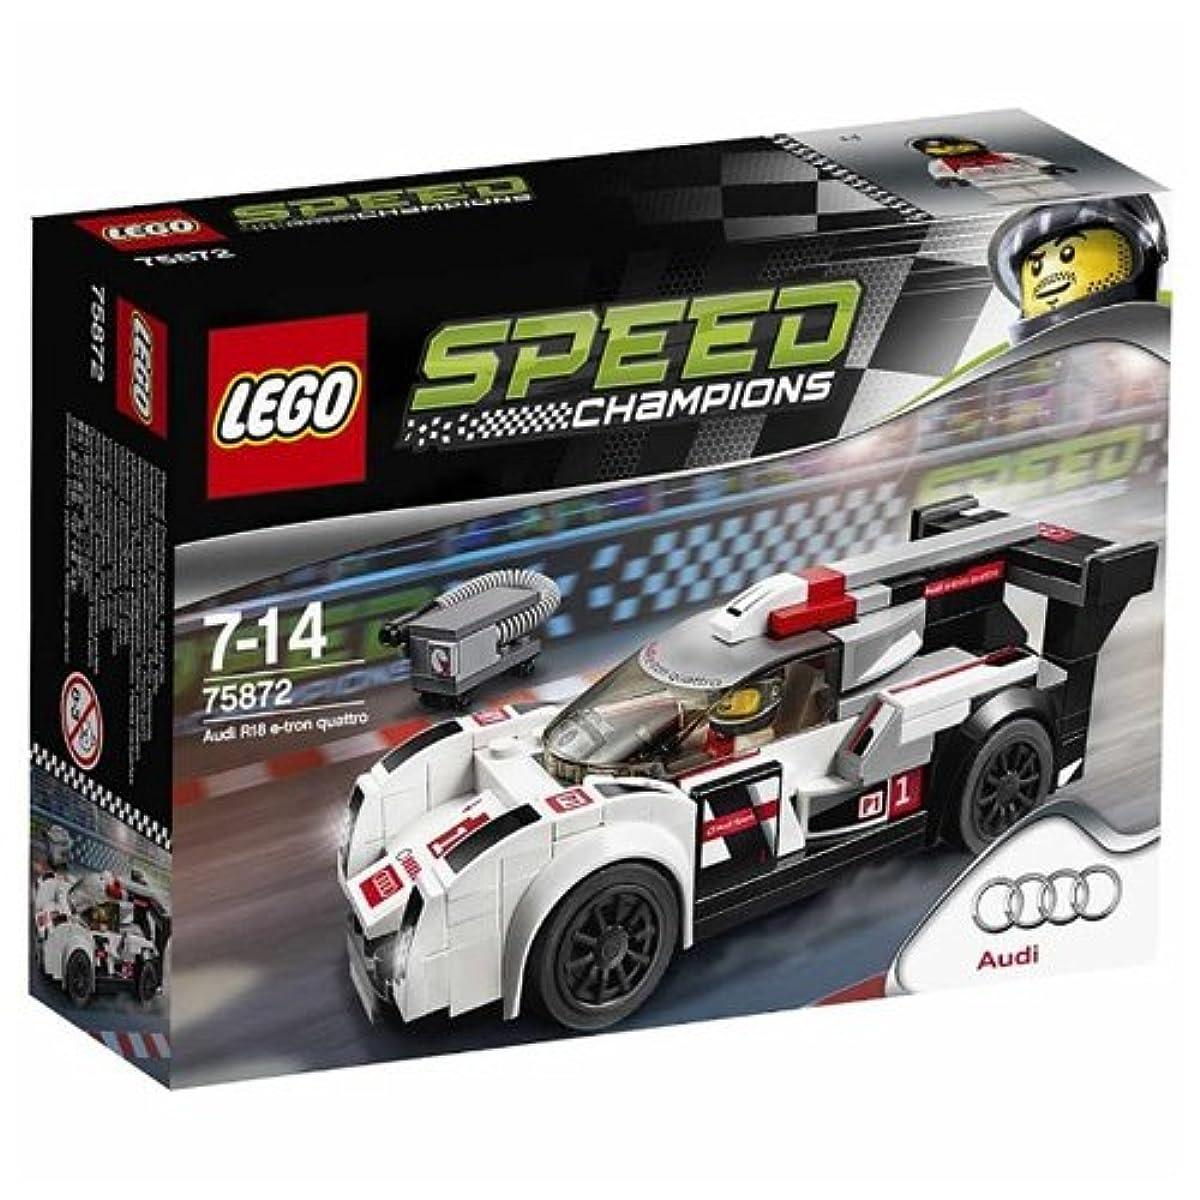 [해외] 레고 (LEGO) 스피드 챔피언 아우디 R18  E-TRON 콰트로(quattro) 75872-75872 (2016-03-04)